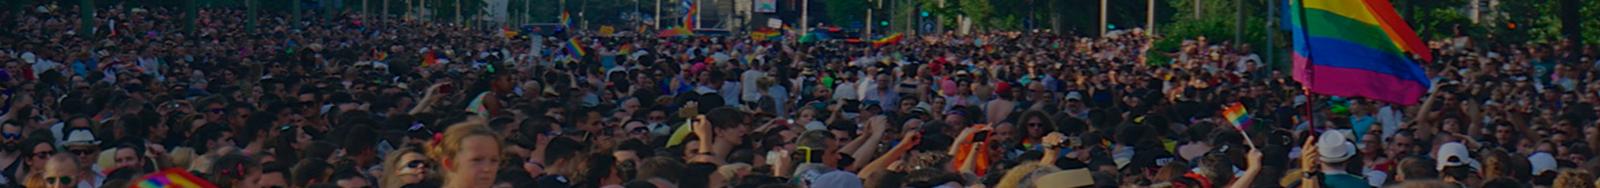 World Pride 2017